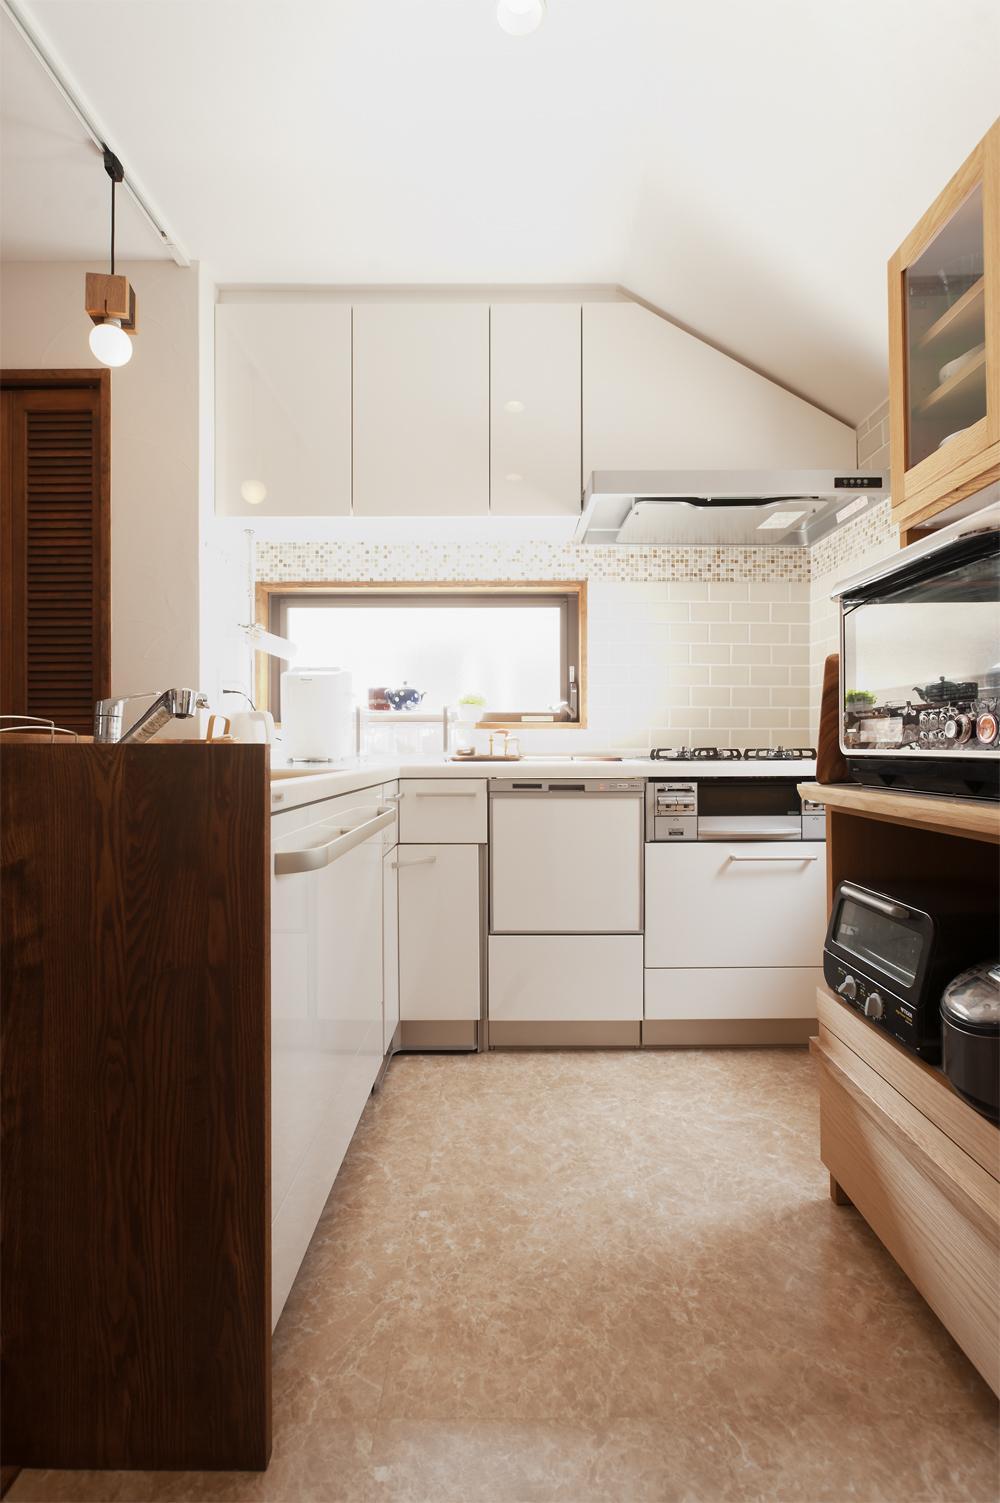 y邸・子ども達のために 自然素材で楽しくリノベーションの写真 明るく使い勝手のよいL型キッチン